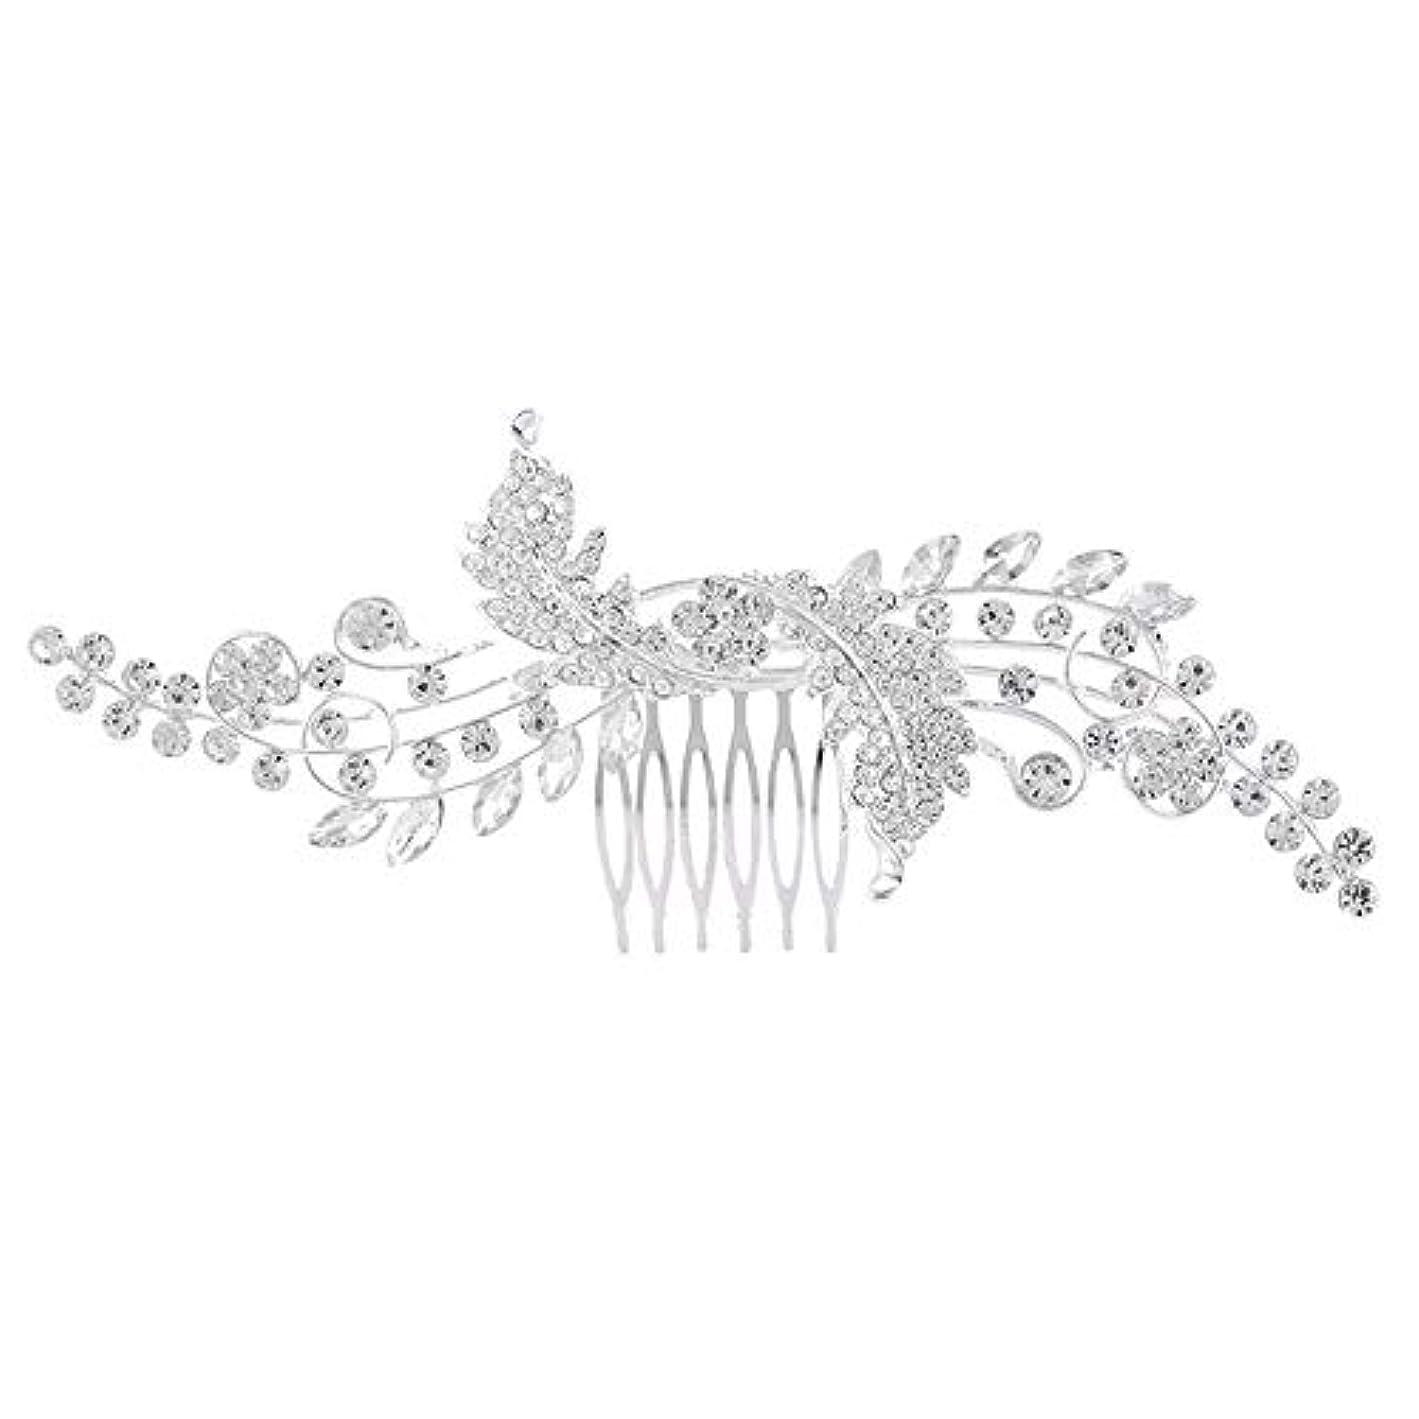 届ける太平洋諸島繁栄ブライダルジュエリー_ブライダルヘアコームコームコームブライダルジュエリー韓国の合金結婚式クラウン工場卸売